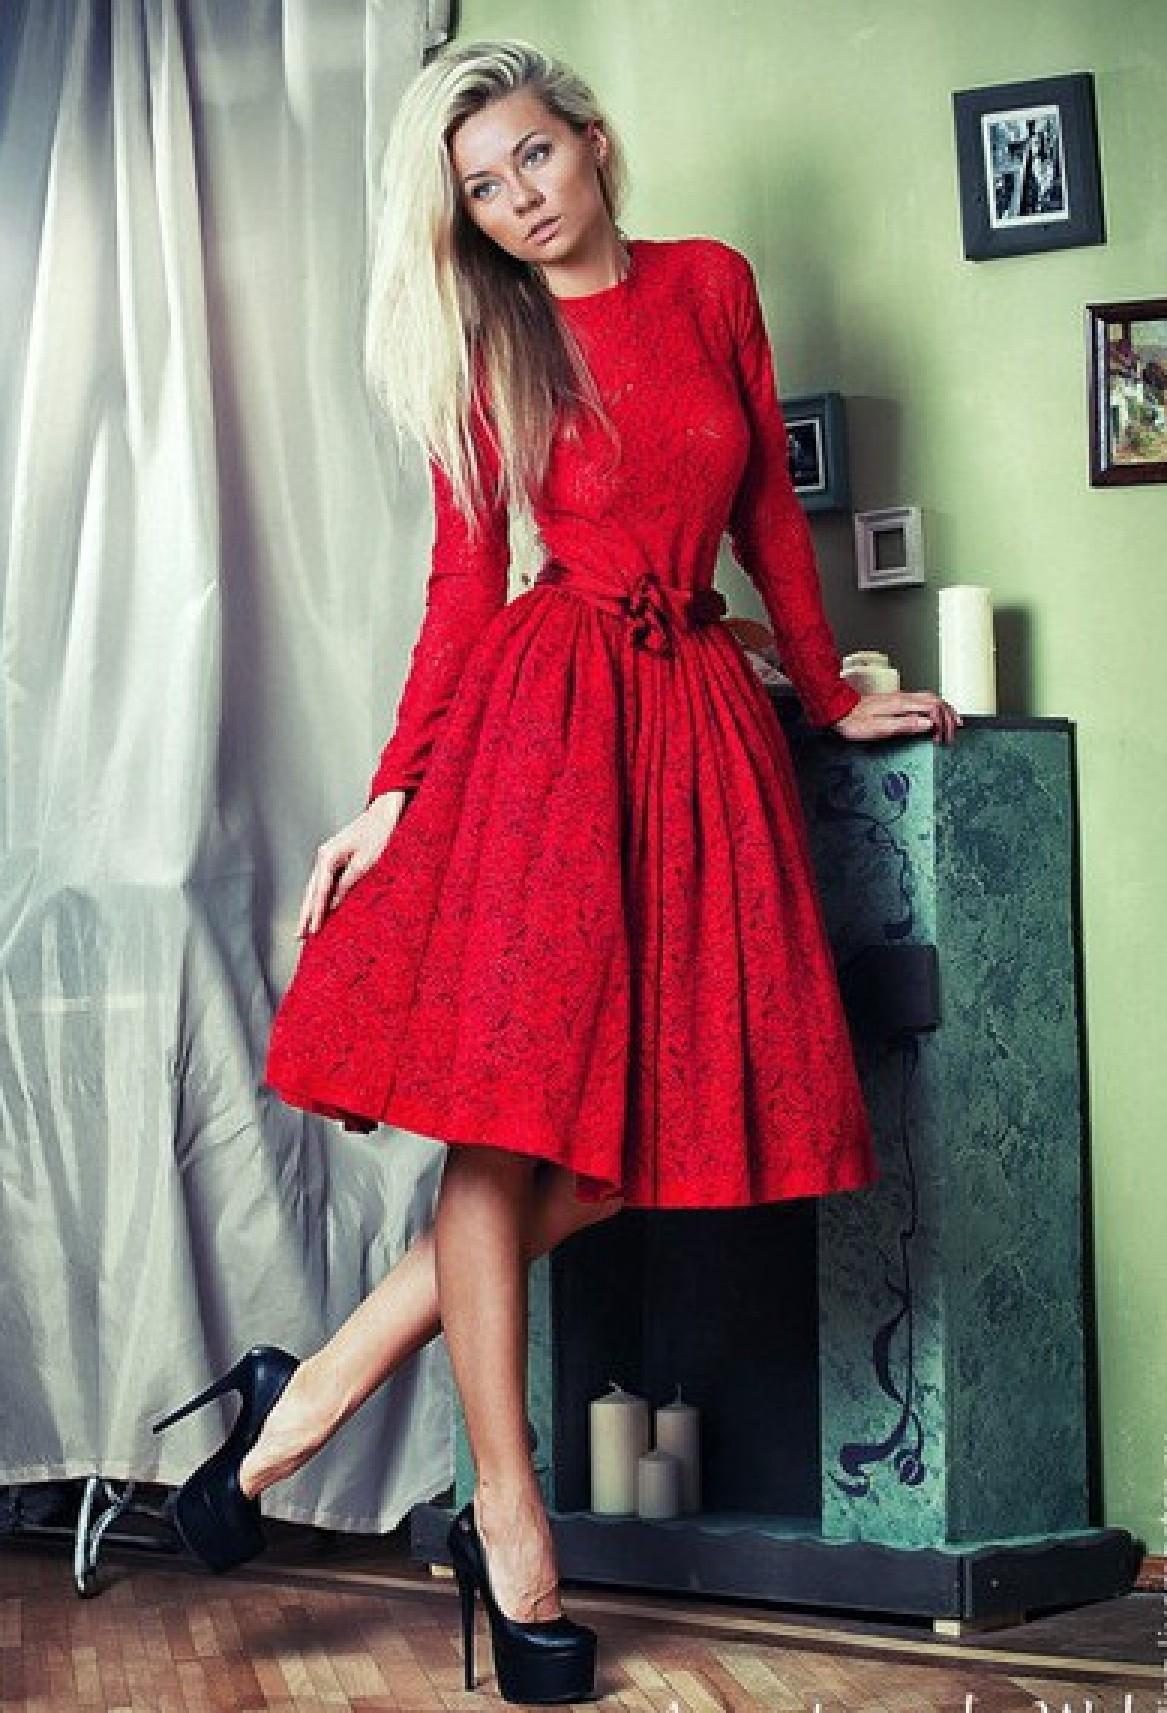 fdb20115b42 Купить красное коктейльное кружевное платье с пышной юбкой на выпускной  вечер. Выпускные платья 2019. Интернет магазин выпускных платьев Радэлия